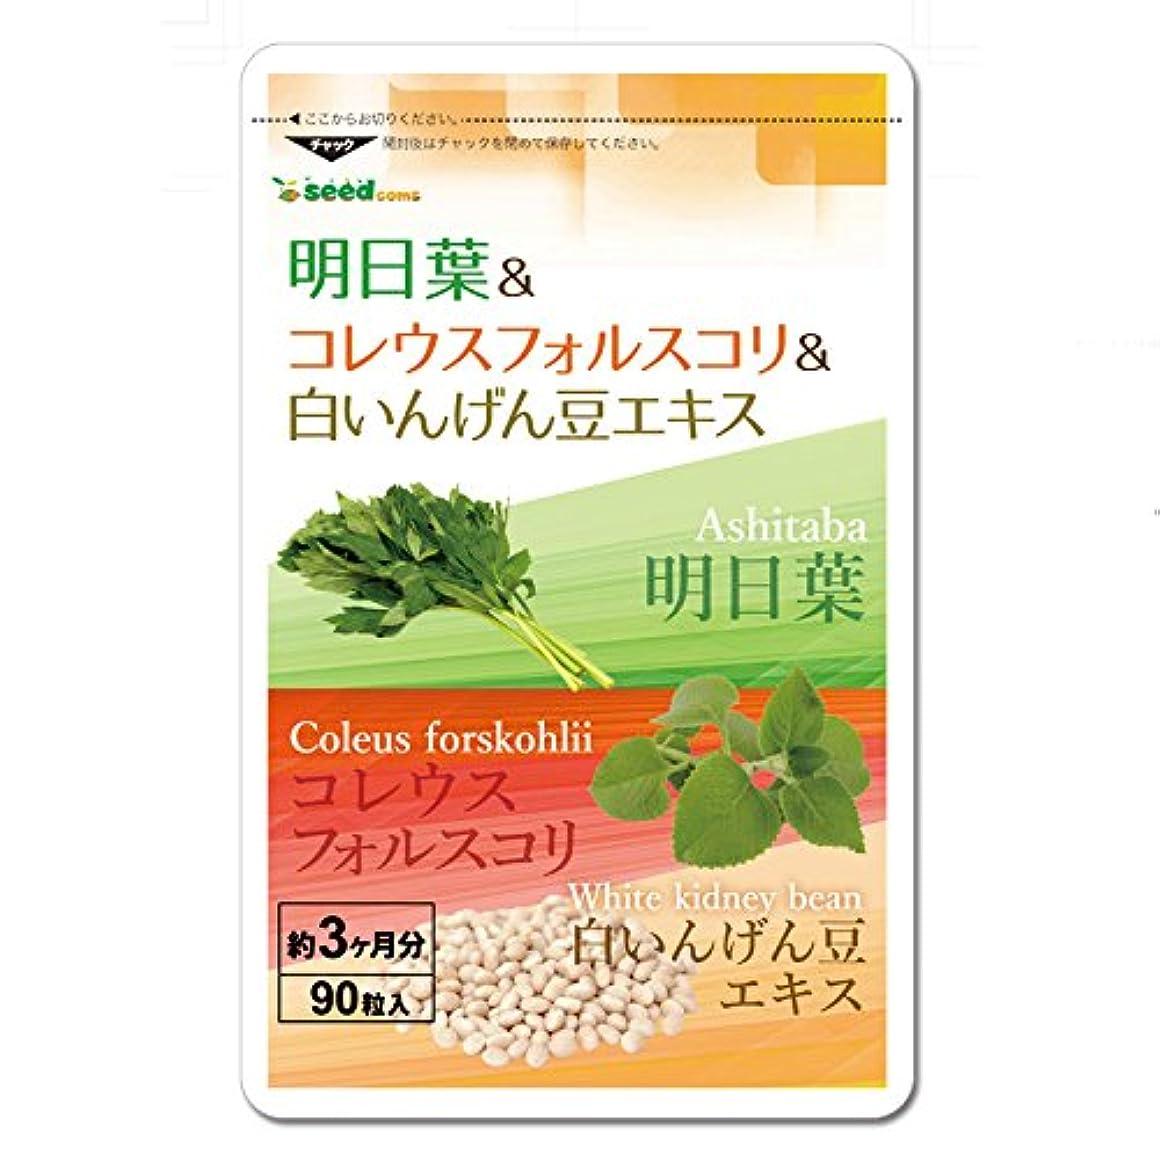 正確に福祉ポジション明日葉 & コレウスフォルスコリ & 白インゲン豆 エキス (約3ヶ月分/90粒) スッキリ&燃焼系&糖質バリアの3大ダイエット成分